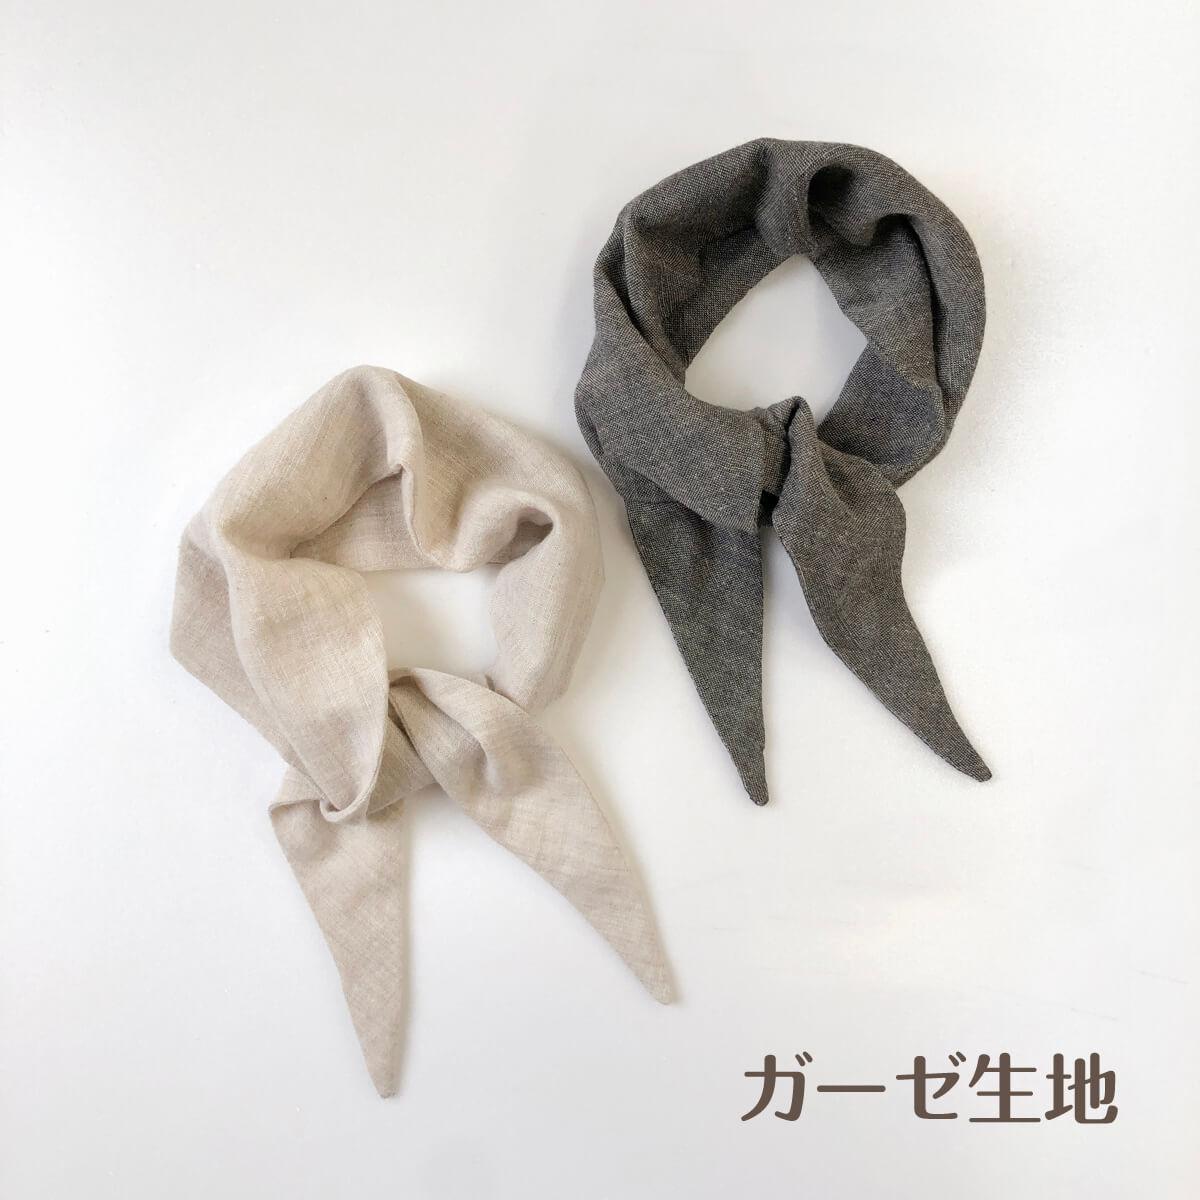 柿渋染め/爽やかガーゼオーガニック綿 消臭・抗菌UVカットスカーフ